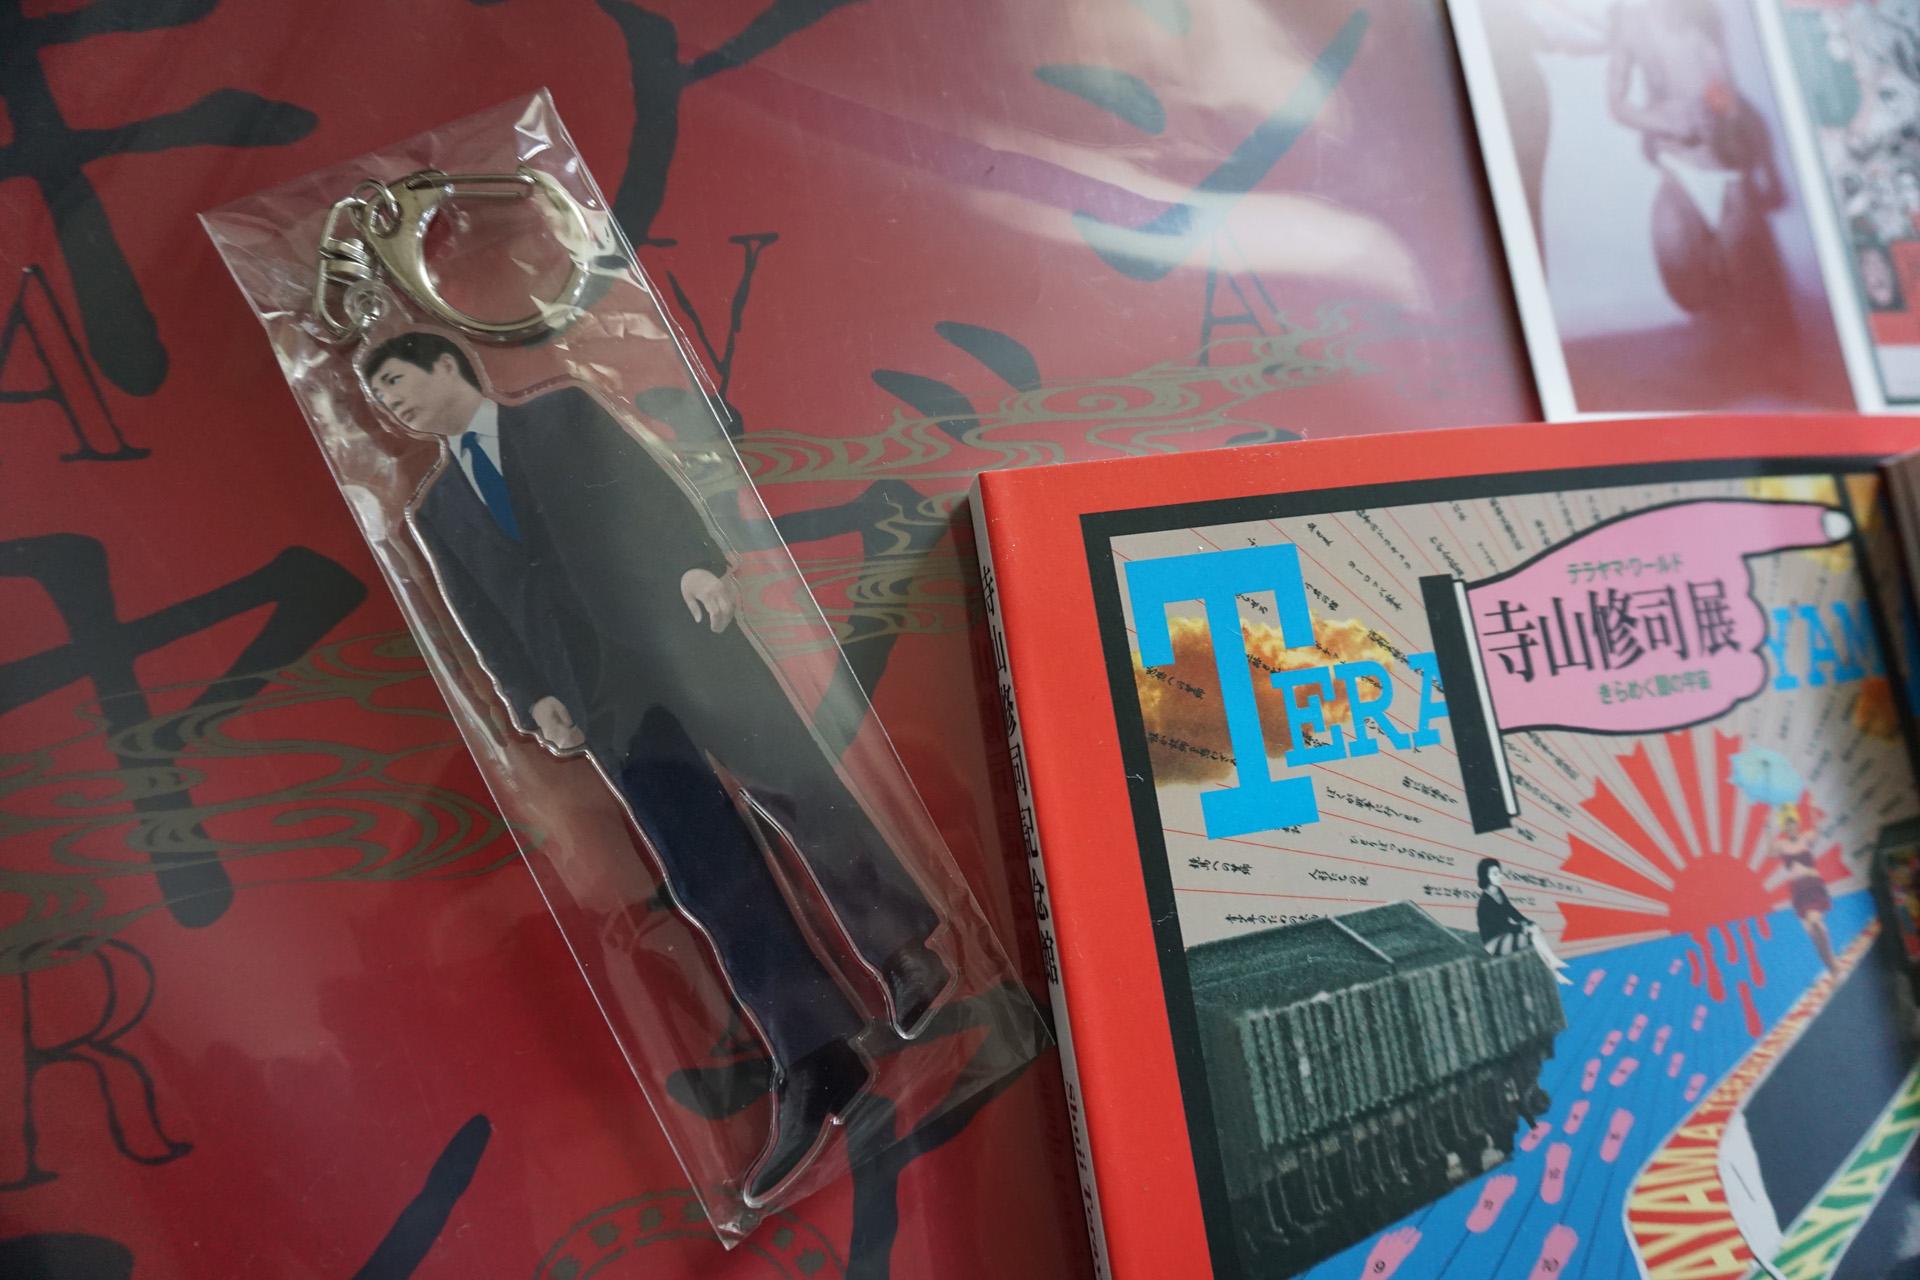 三沢市寺山修司記念館 青森県 ジャパンアヴァンギャルド ポスター展 物販 販促 キーホルダー 図録